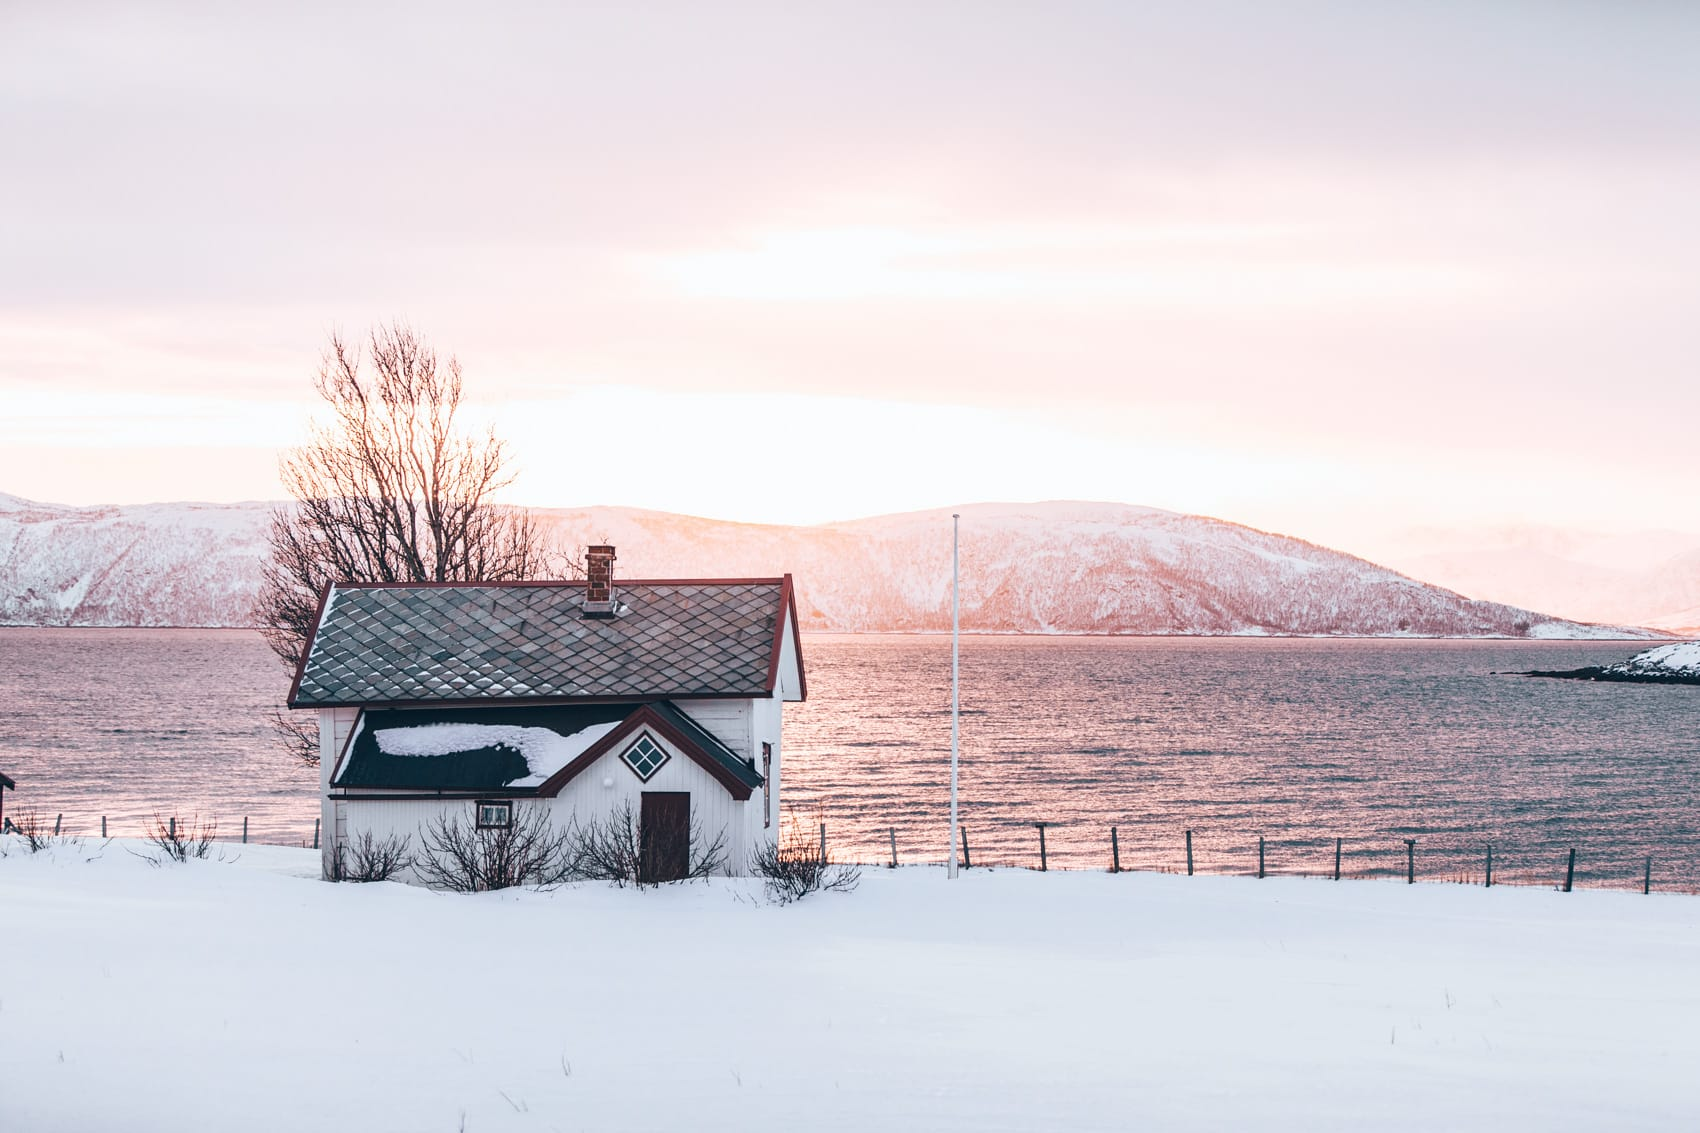 ID5A7778 - Bilan de nos 4 jours en Norvège